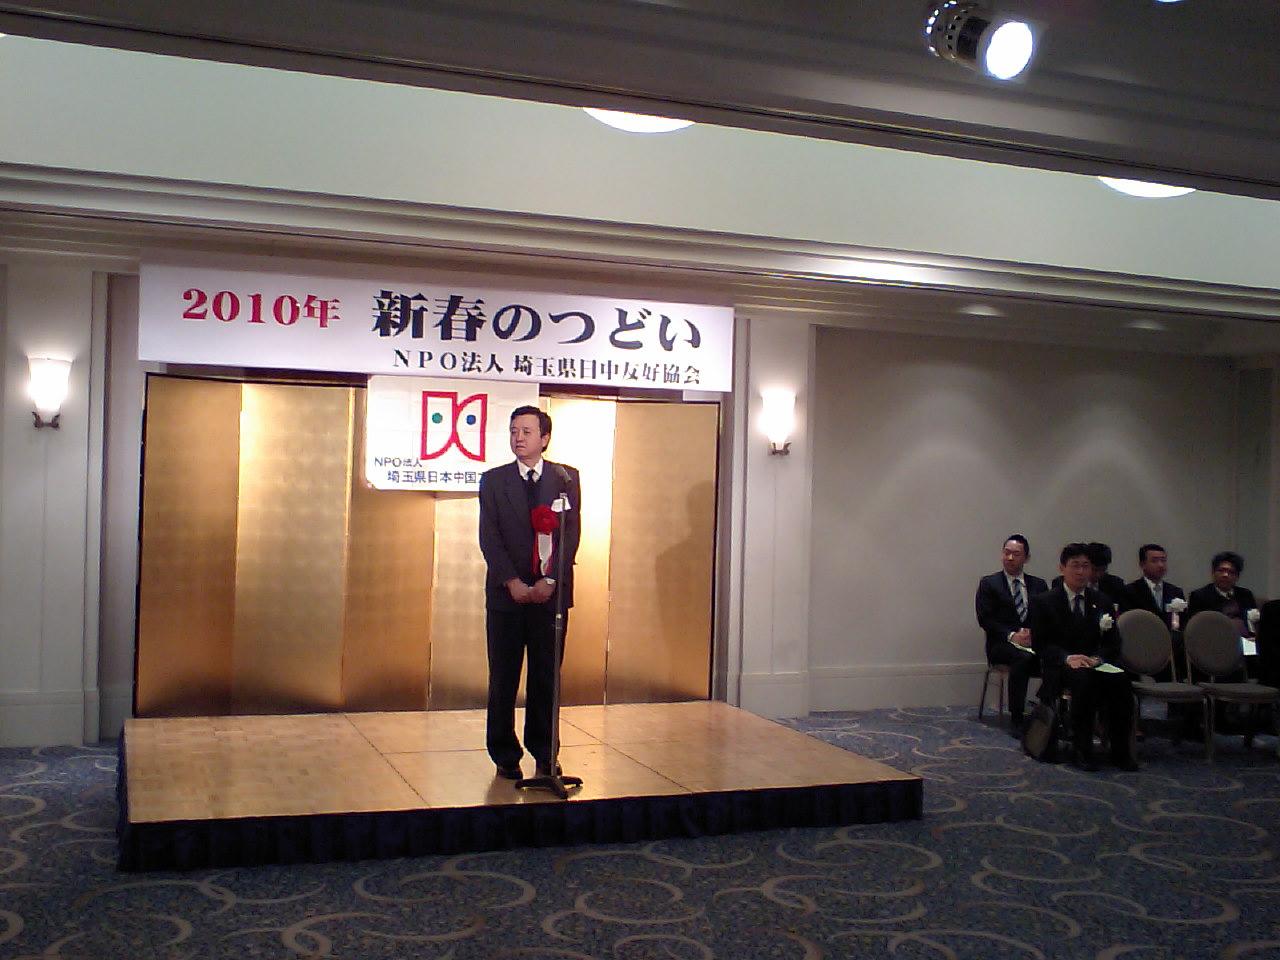 埼玉県日中友好協会新年のつどい浦和で開催_d0027795_131487.jpg